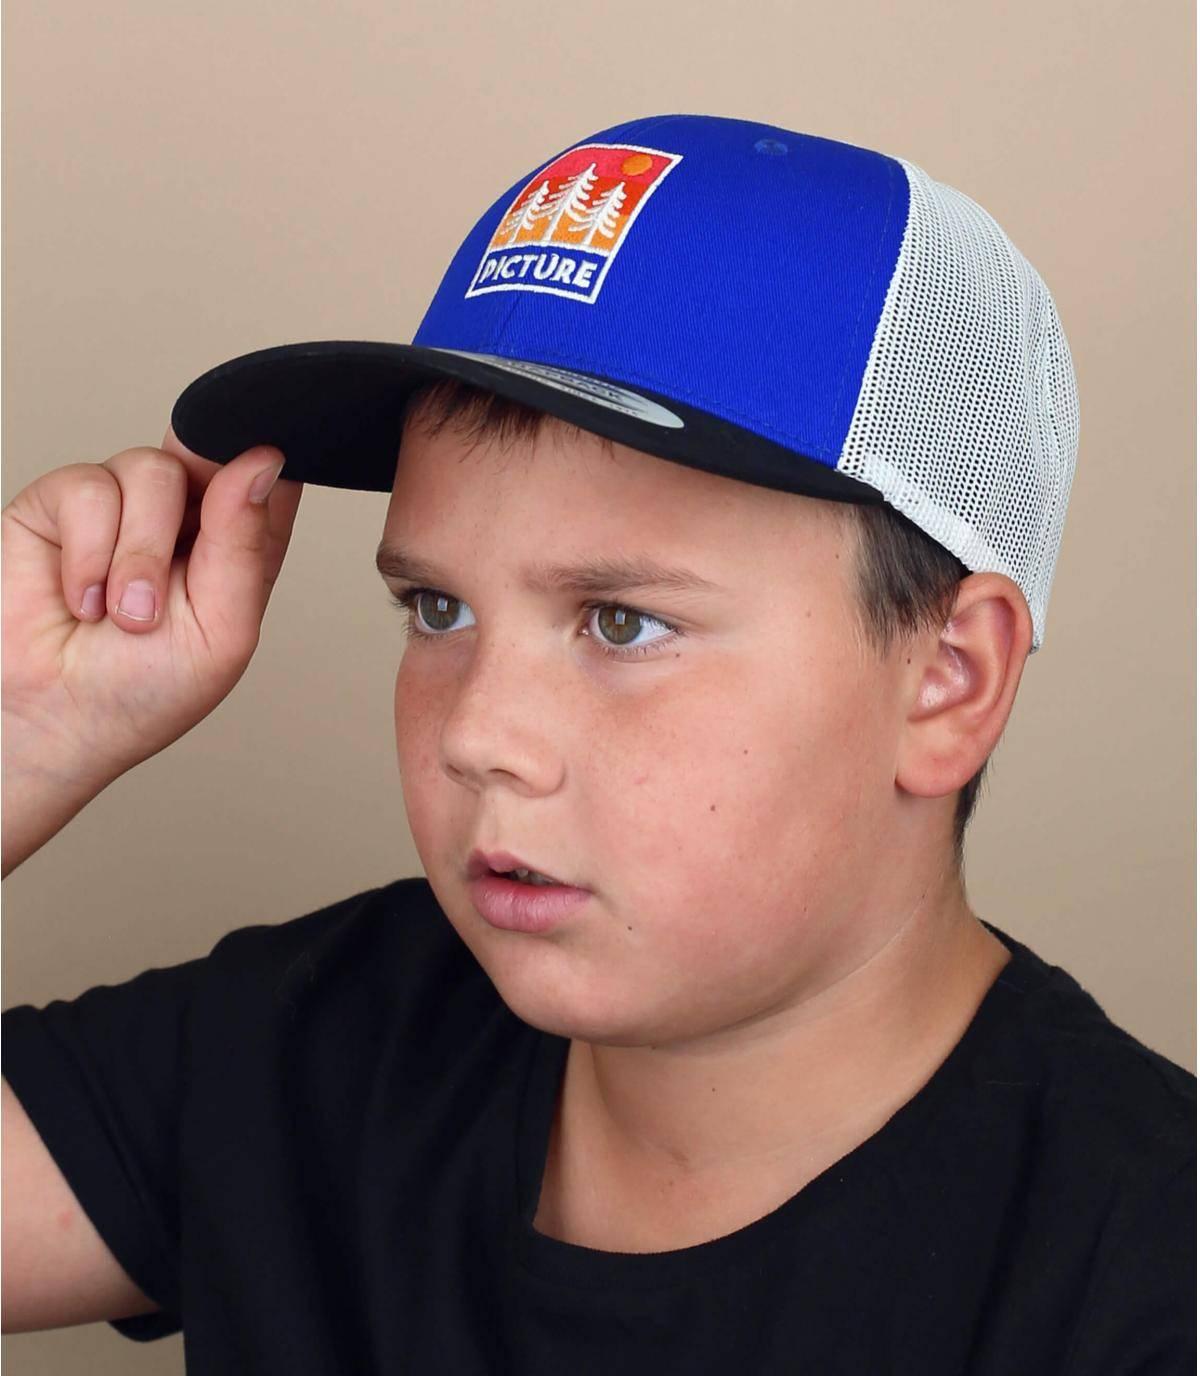 trucker enfant Picture